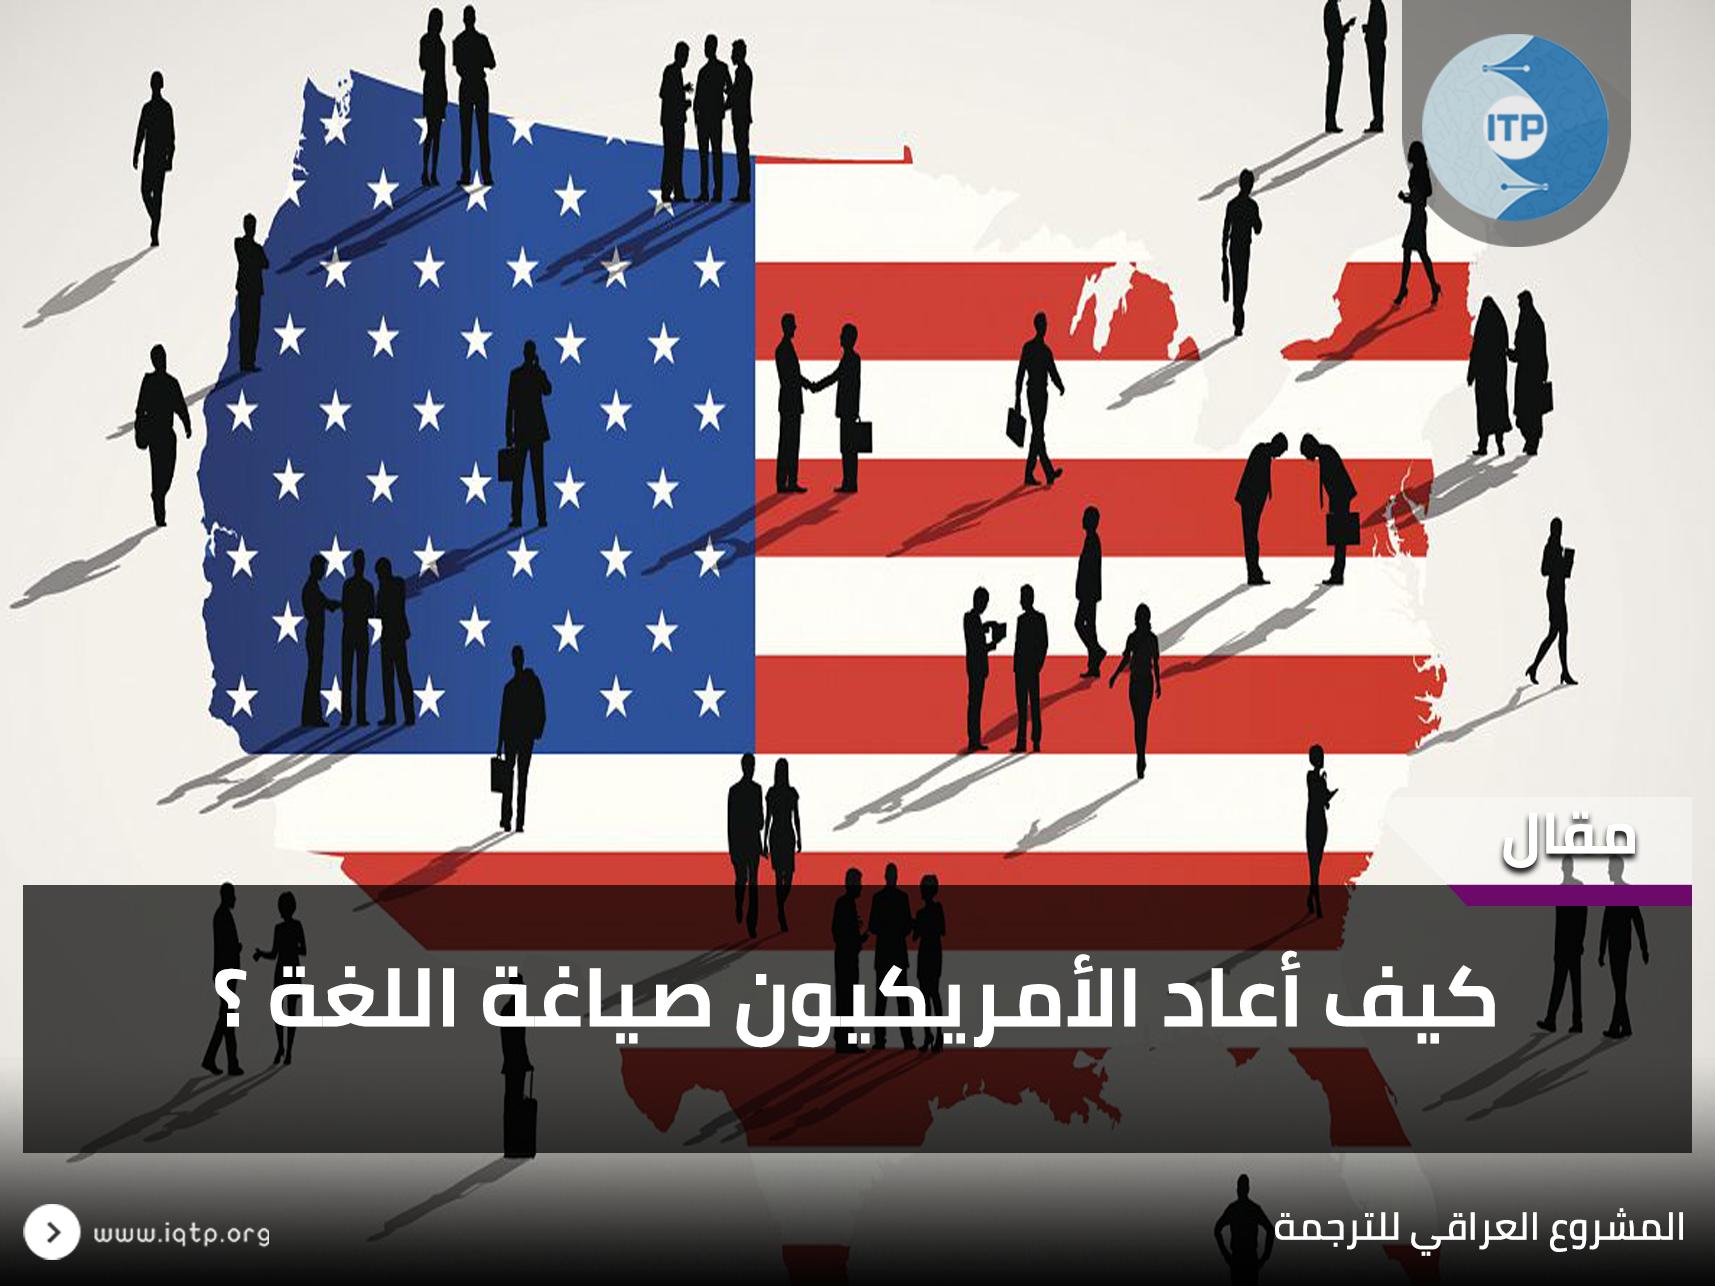 كيف أعاد الأمريكيون صياغة اللغة ؟